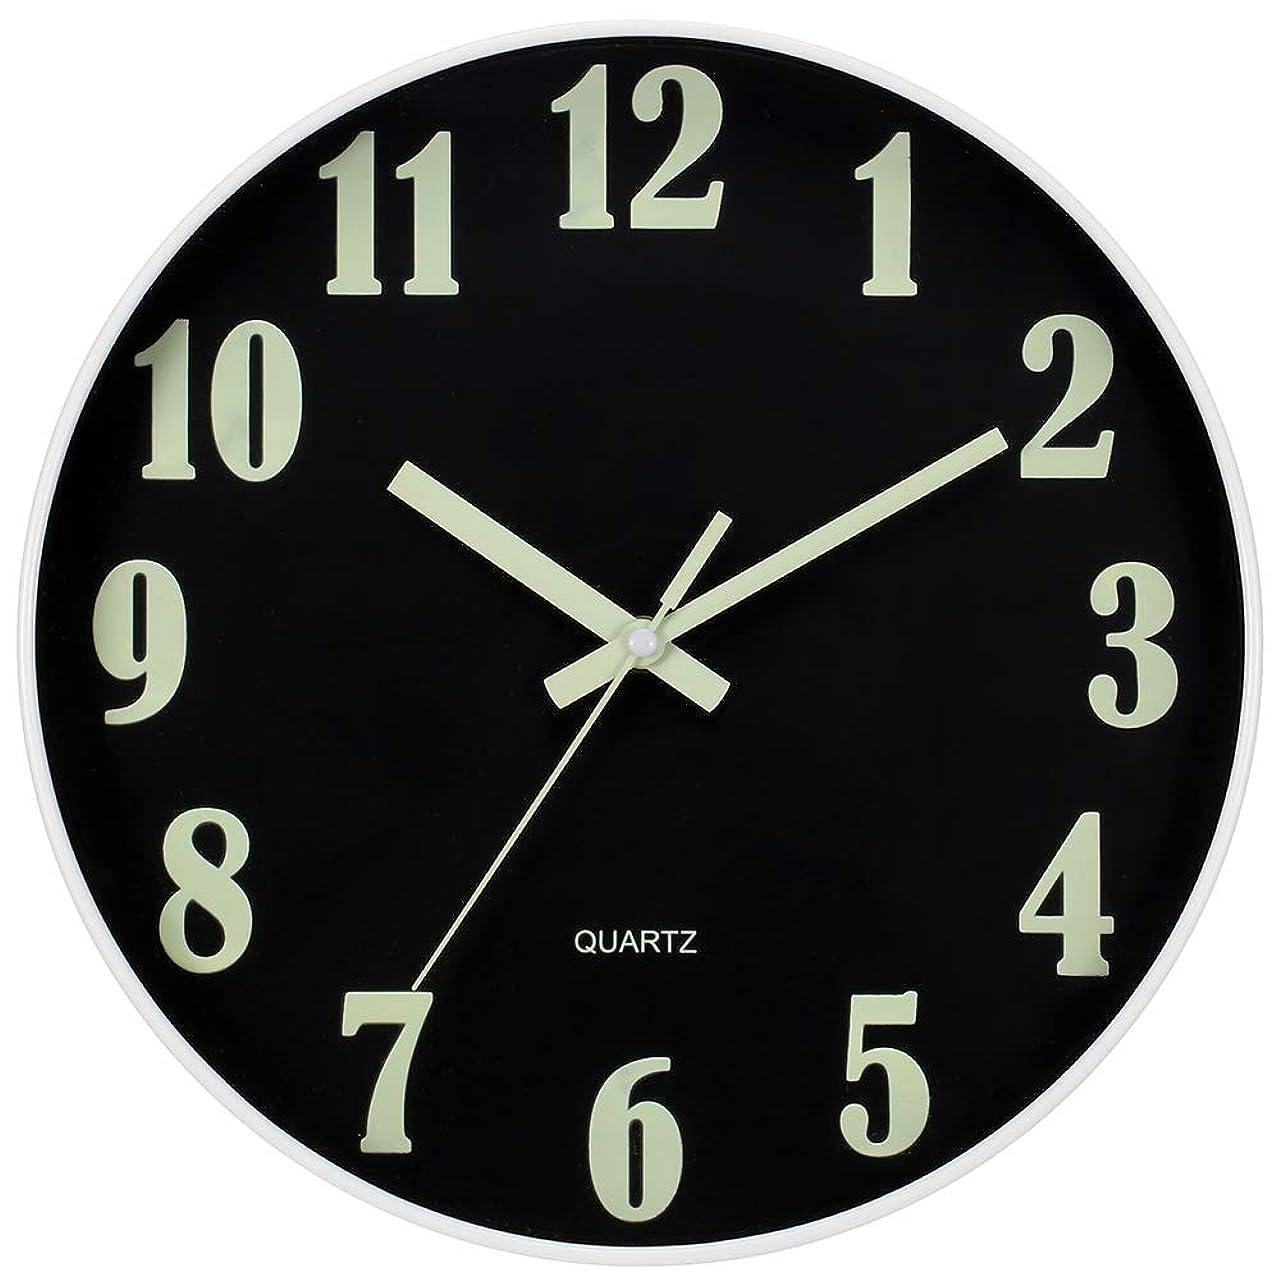 軍ディンカルビルパスJoFomp 壁掛け時計 連続秒針 夜光 蛍光 掛け時計 電池式 静音 サイレント ウォール クロック お洒落な掛け時計 直径約30cm (黒)